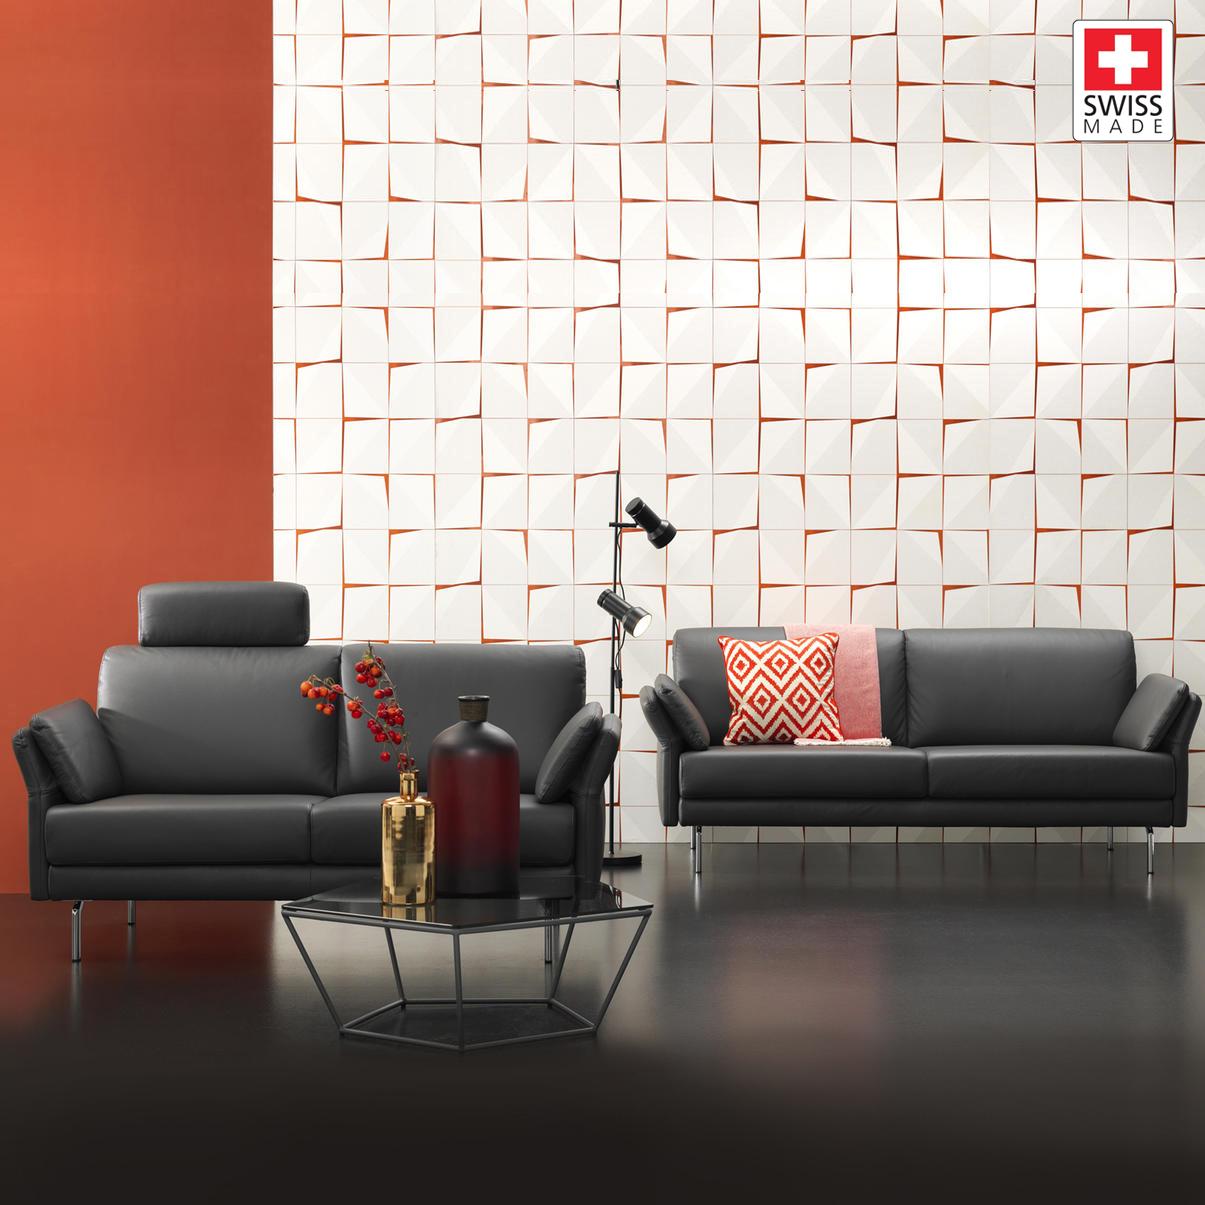 mbel schwab nagold simple view images easy mbel shop with mbel schwab nagold faboro. Black Bedroom Furniture Sets. Home Design Ideas